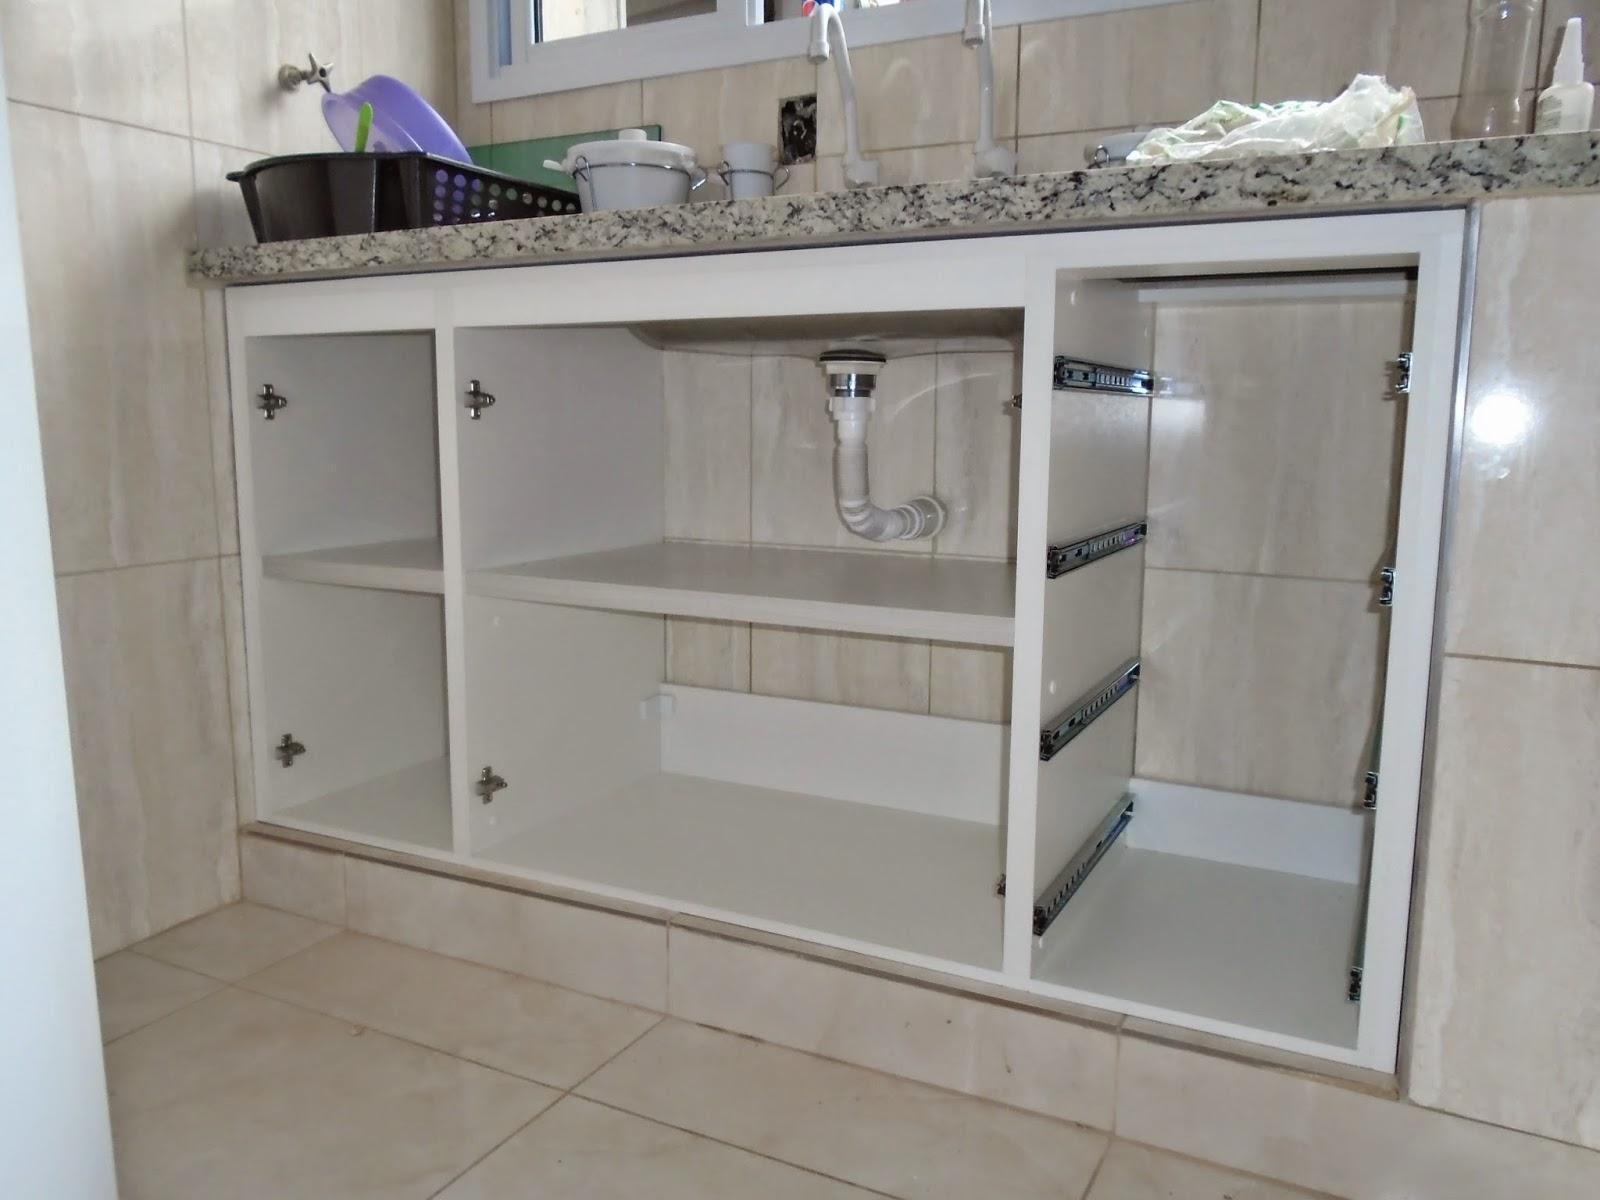 Marcenaria Caseira: Gabinete Sob Pia de Cozinha   Portas Deslizantes  #585A73 1600 1200